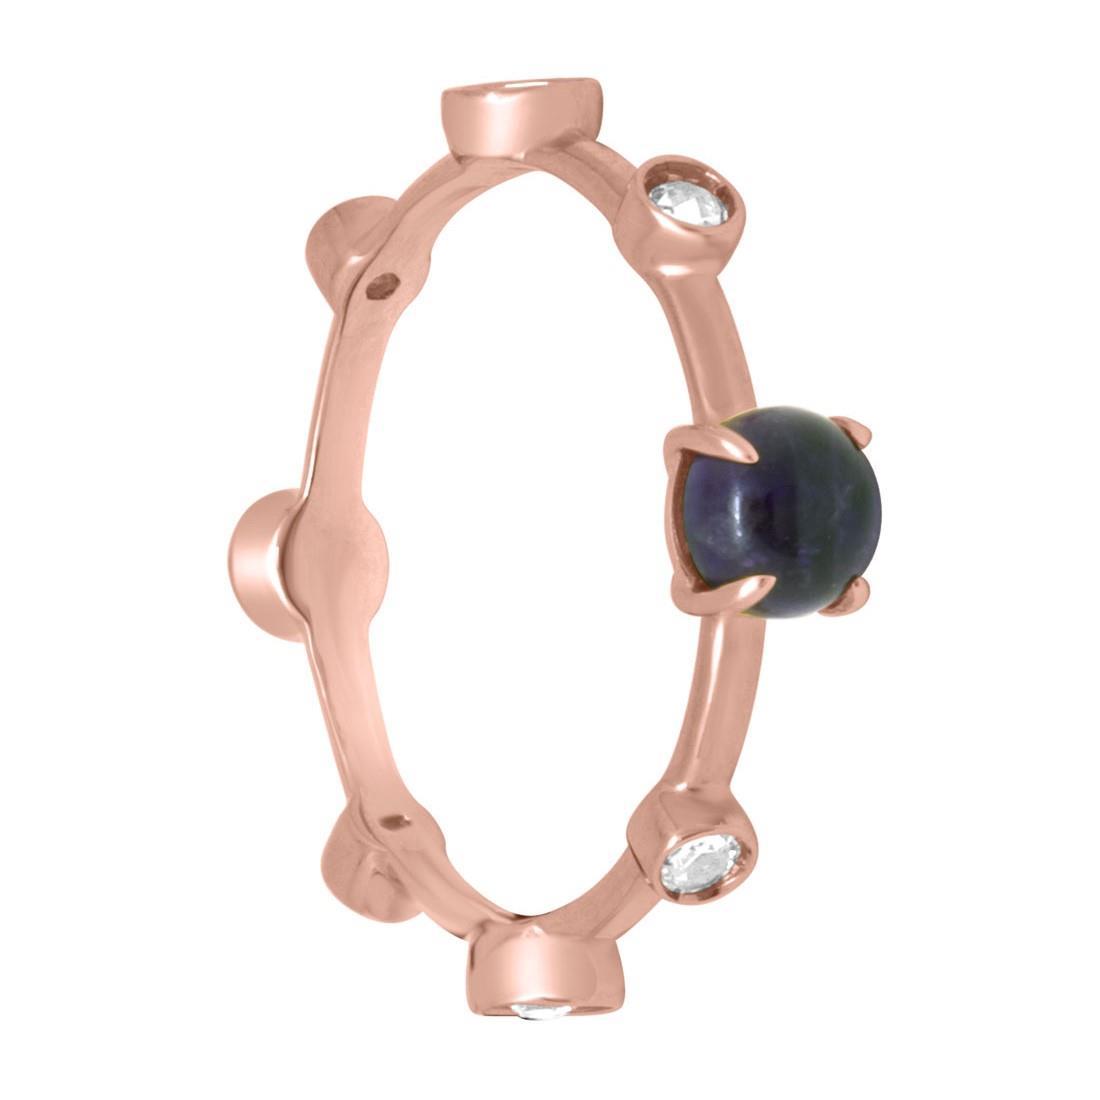 Anello in oro rosa con diamanti ct 0.23 e ametista, misura 16 - DAMIANI